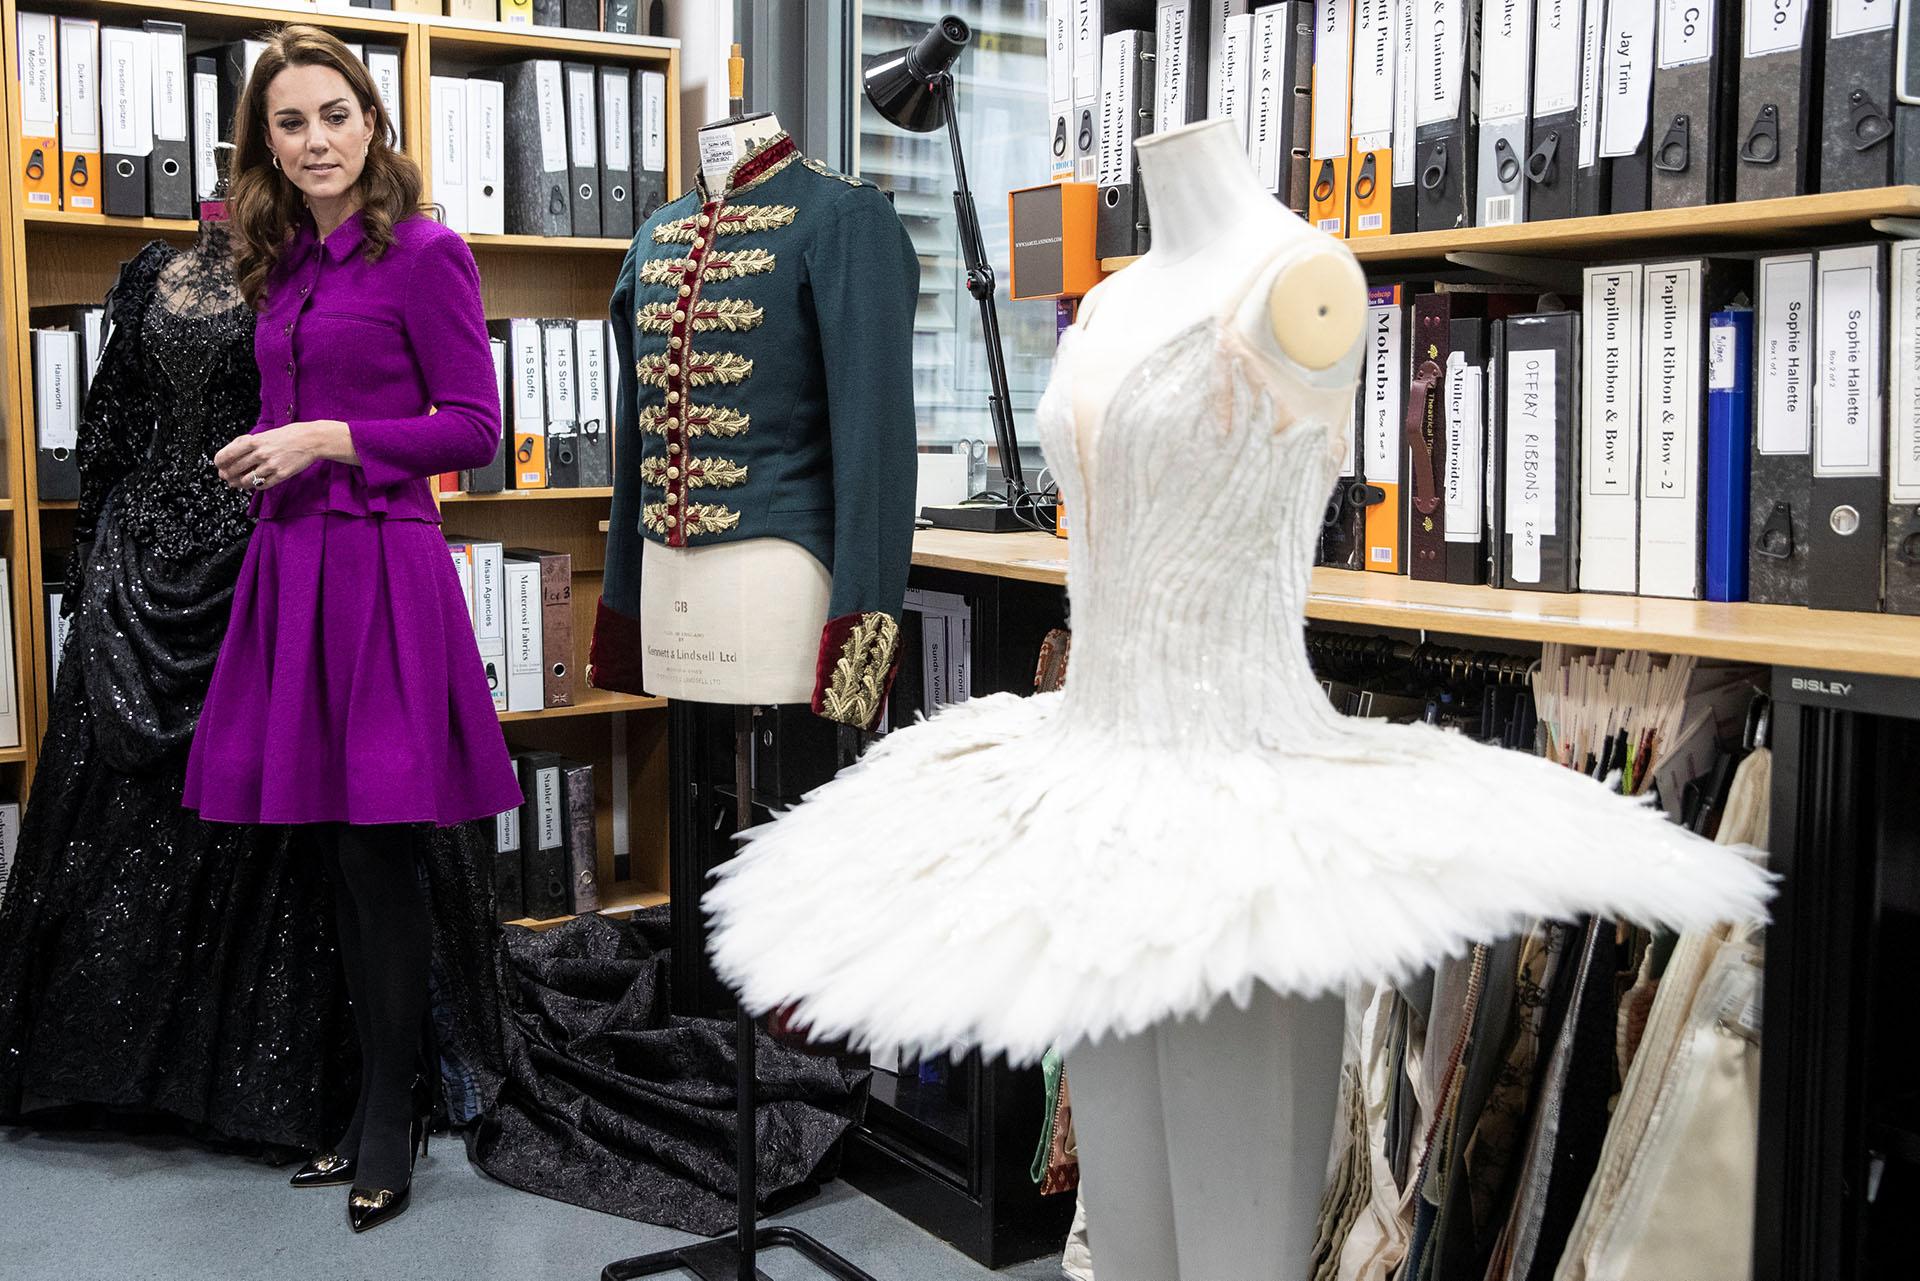 La duquesa de Cambridge hizo un recorrido privado y conoció en detalle la fabulosa colección de vestuarios de la Royal Opera House